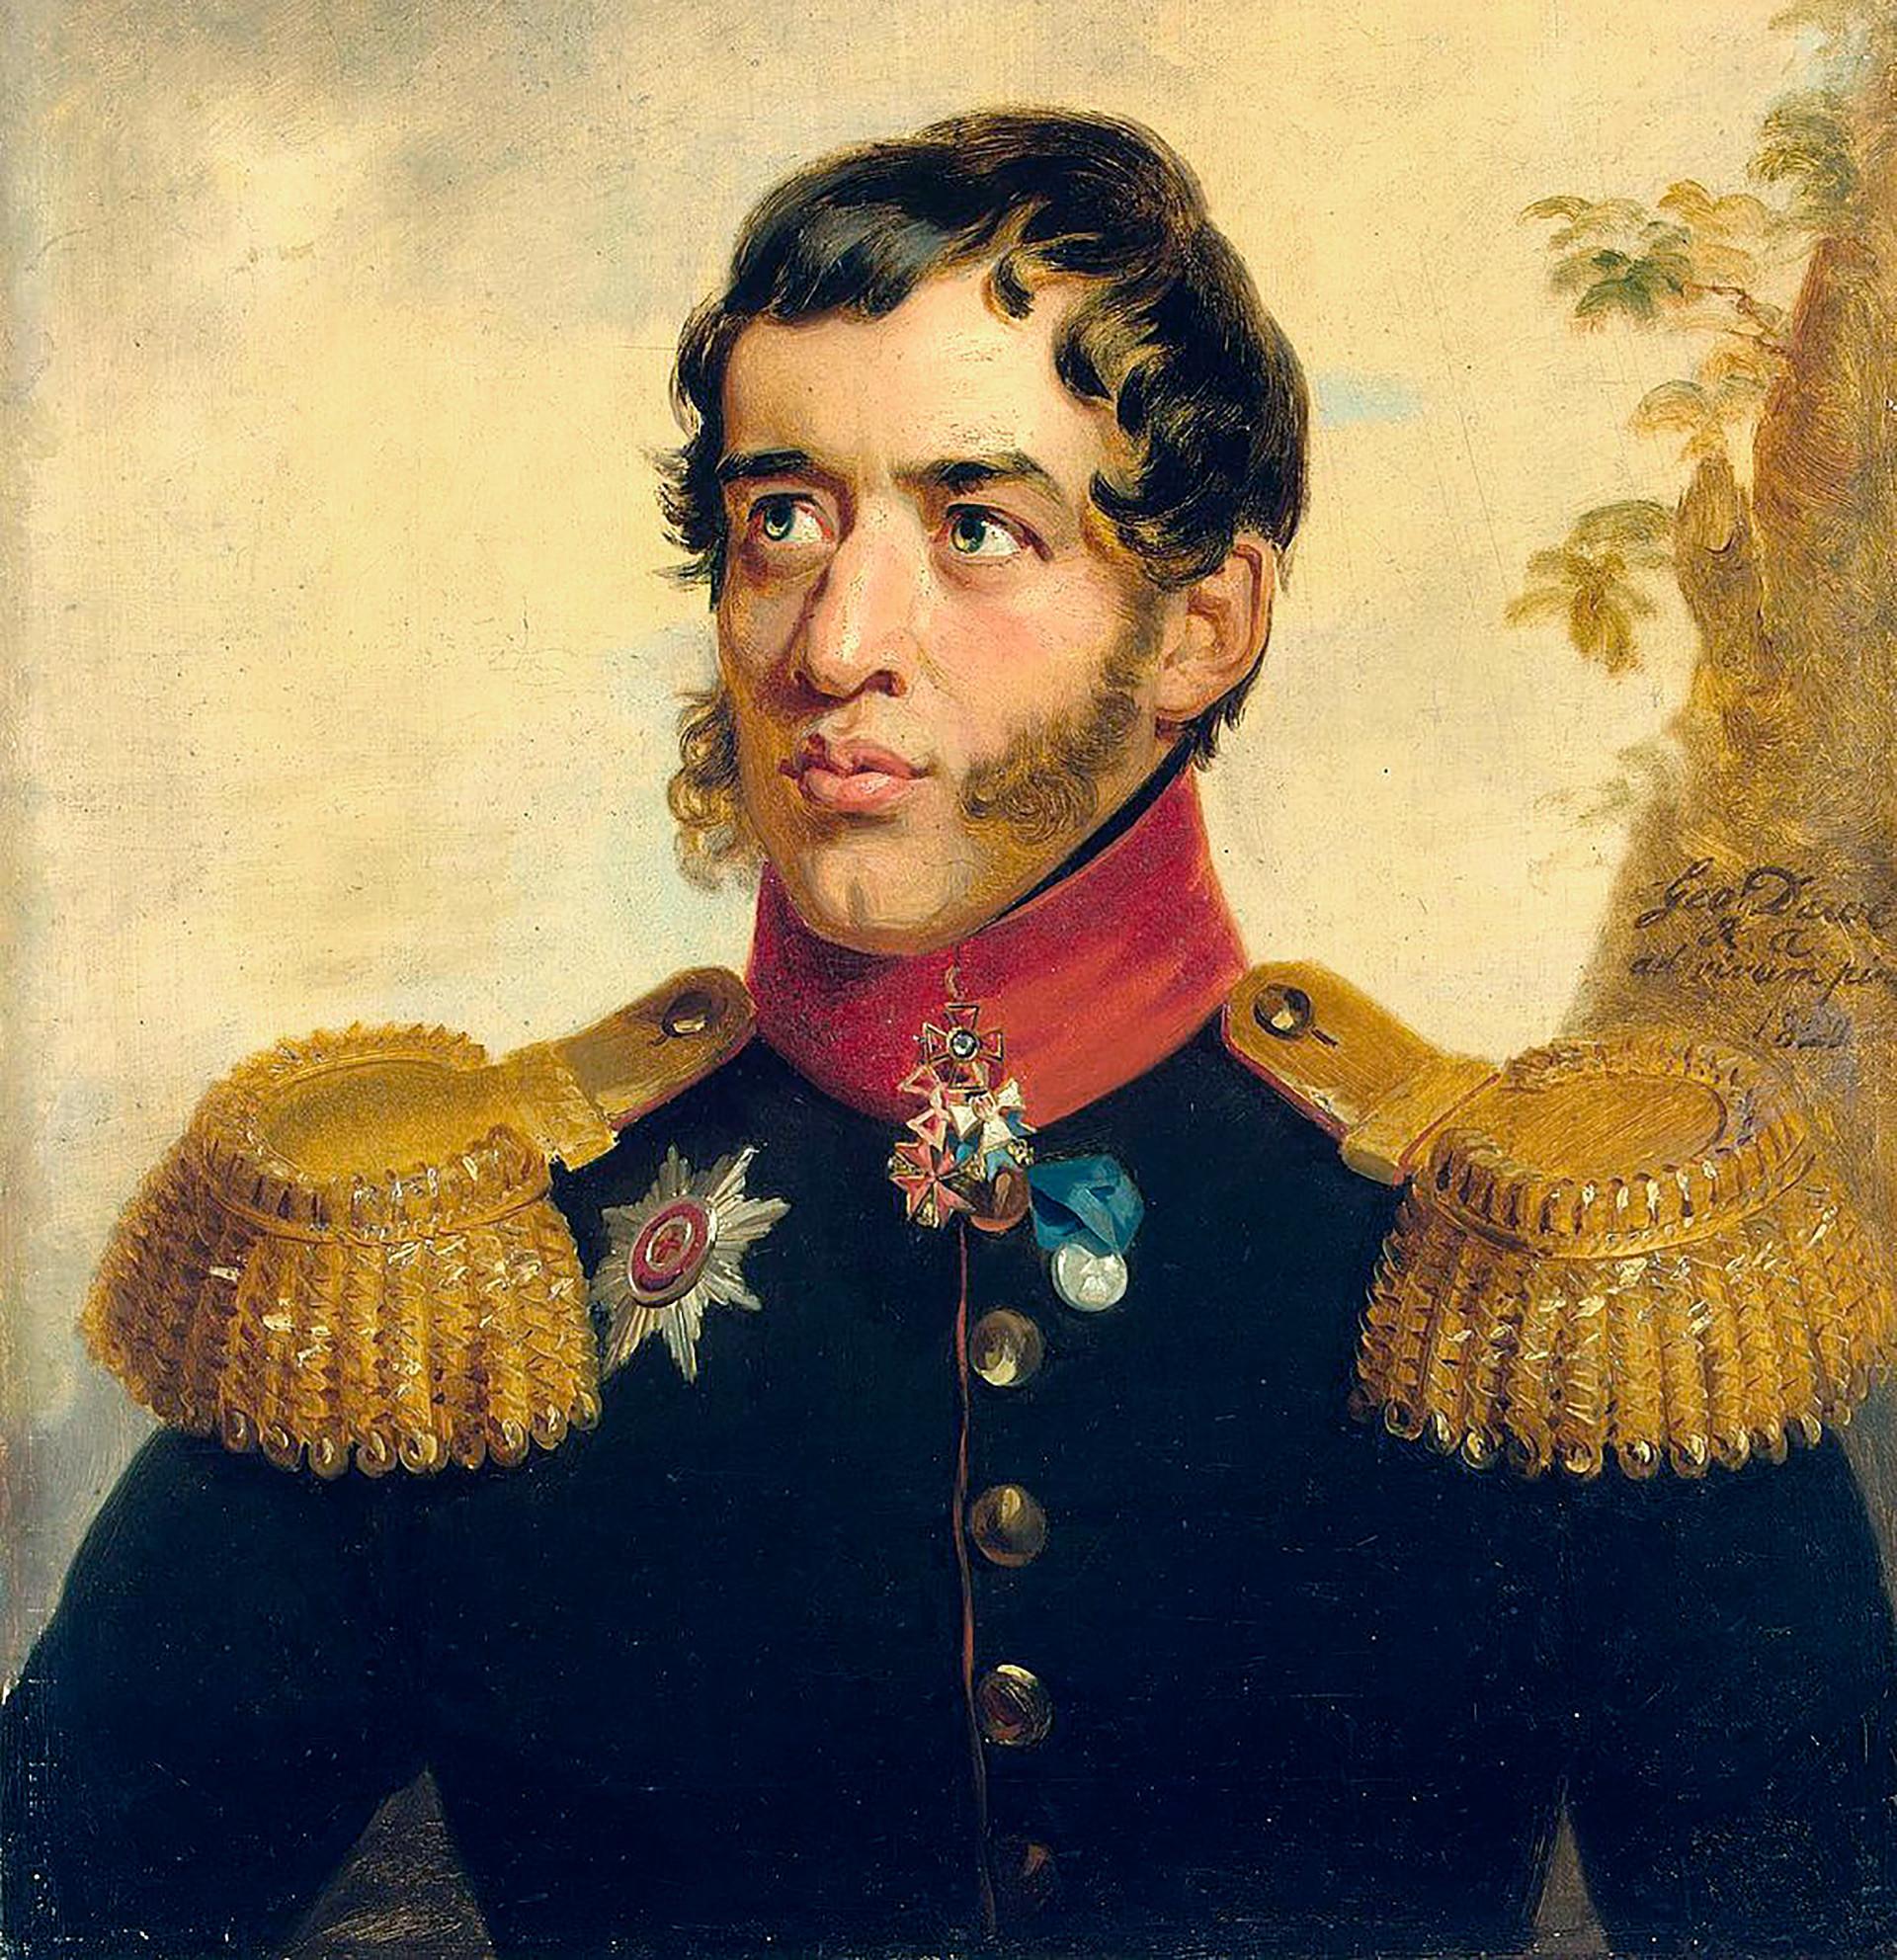 Knez Volkonski